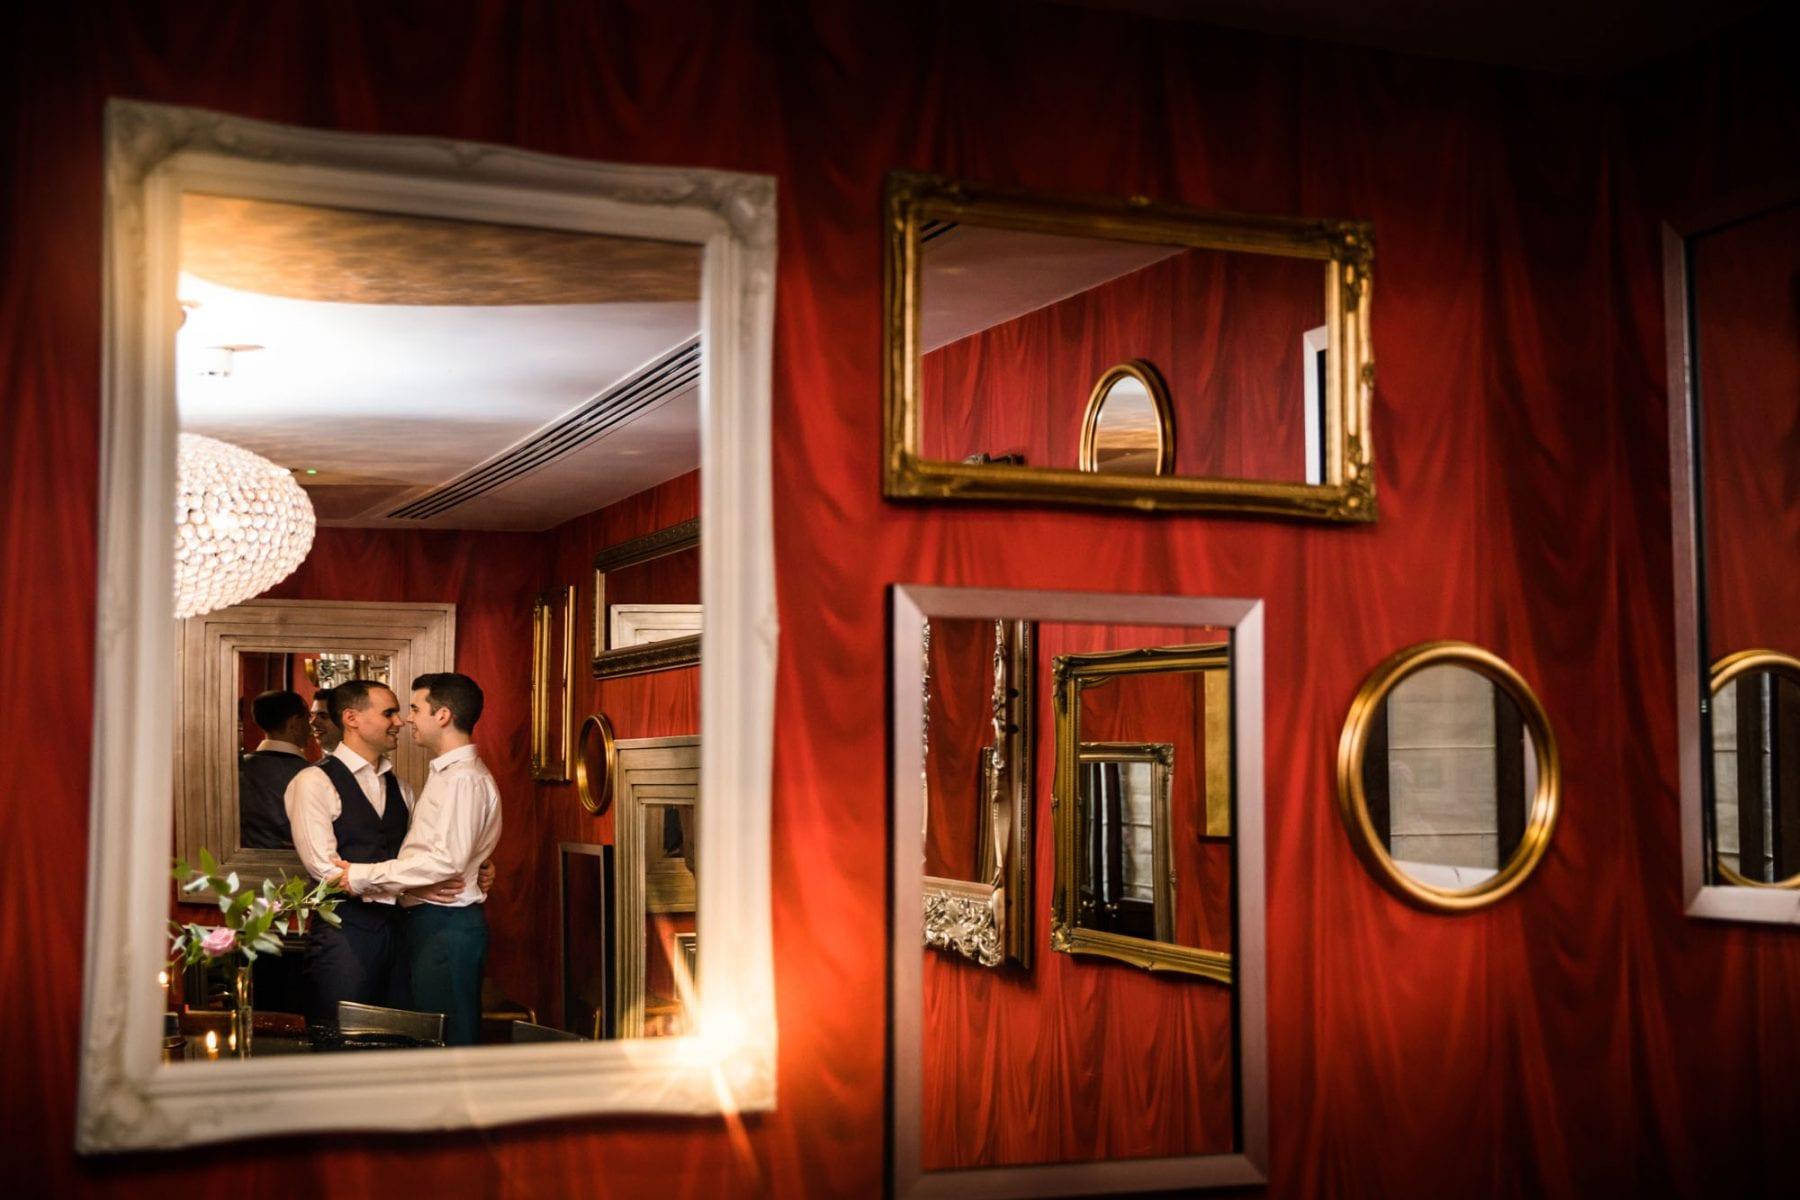 Malmaison London Quirky Wedding Photos